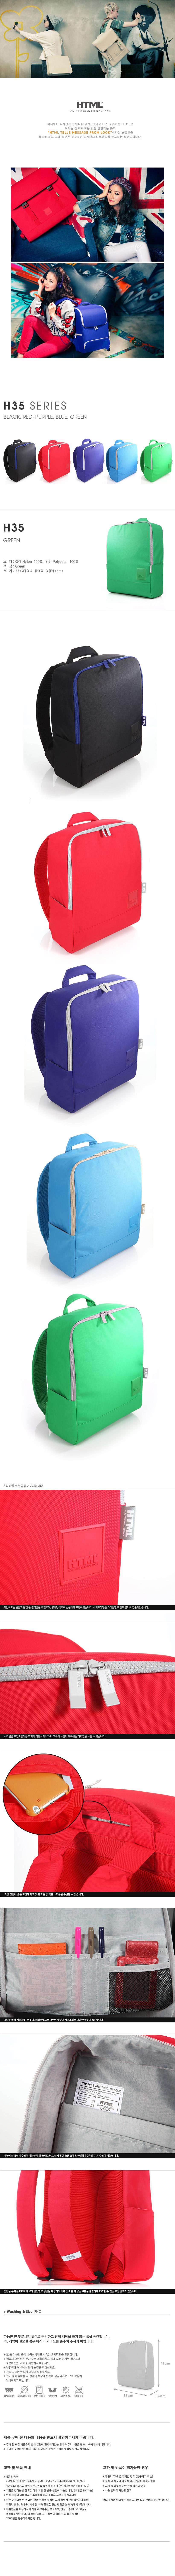 [에이치티엠엘]HTML - H35 backpack (Green/Gray)_인기백팩